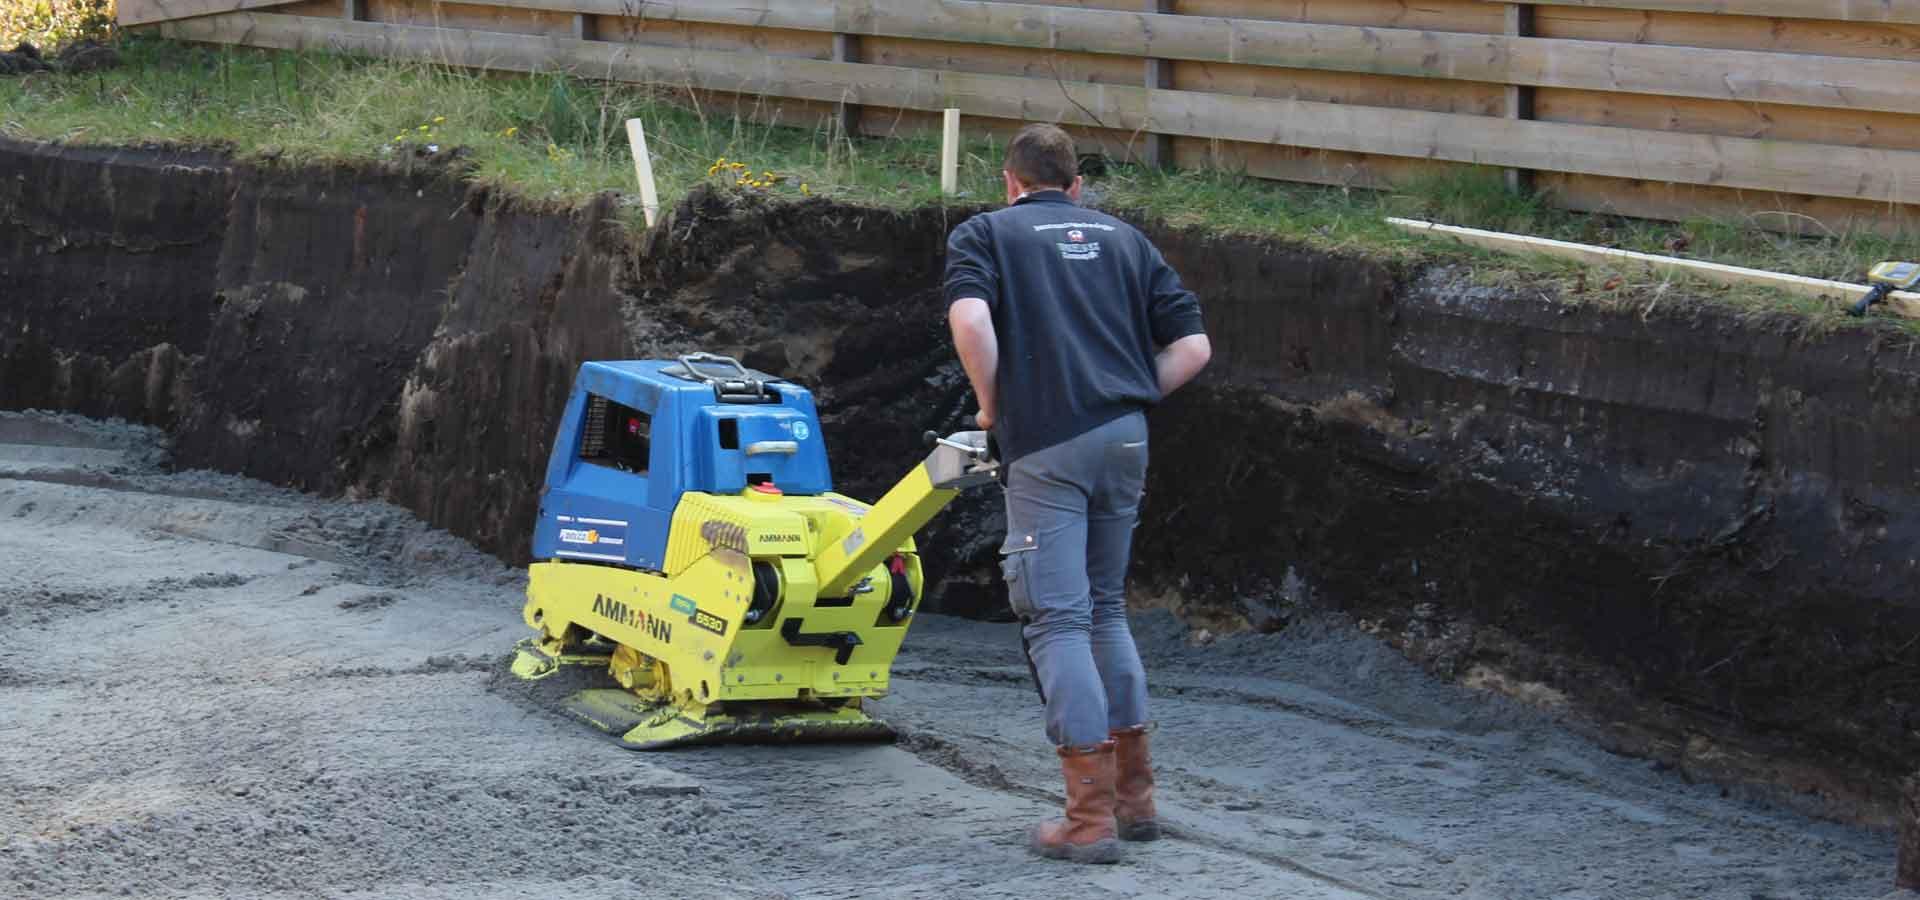 gerrit wielink van bouwteam aannemersbedrijf wielink